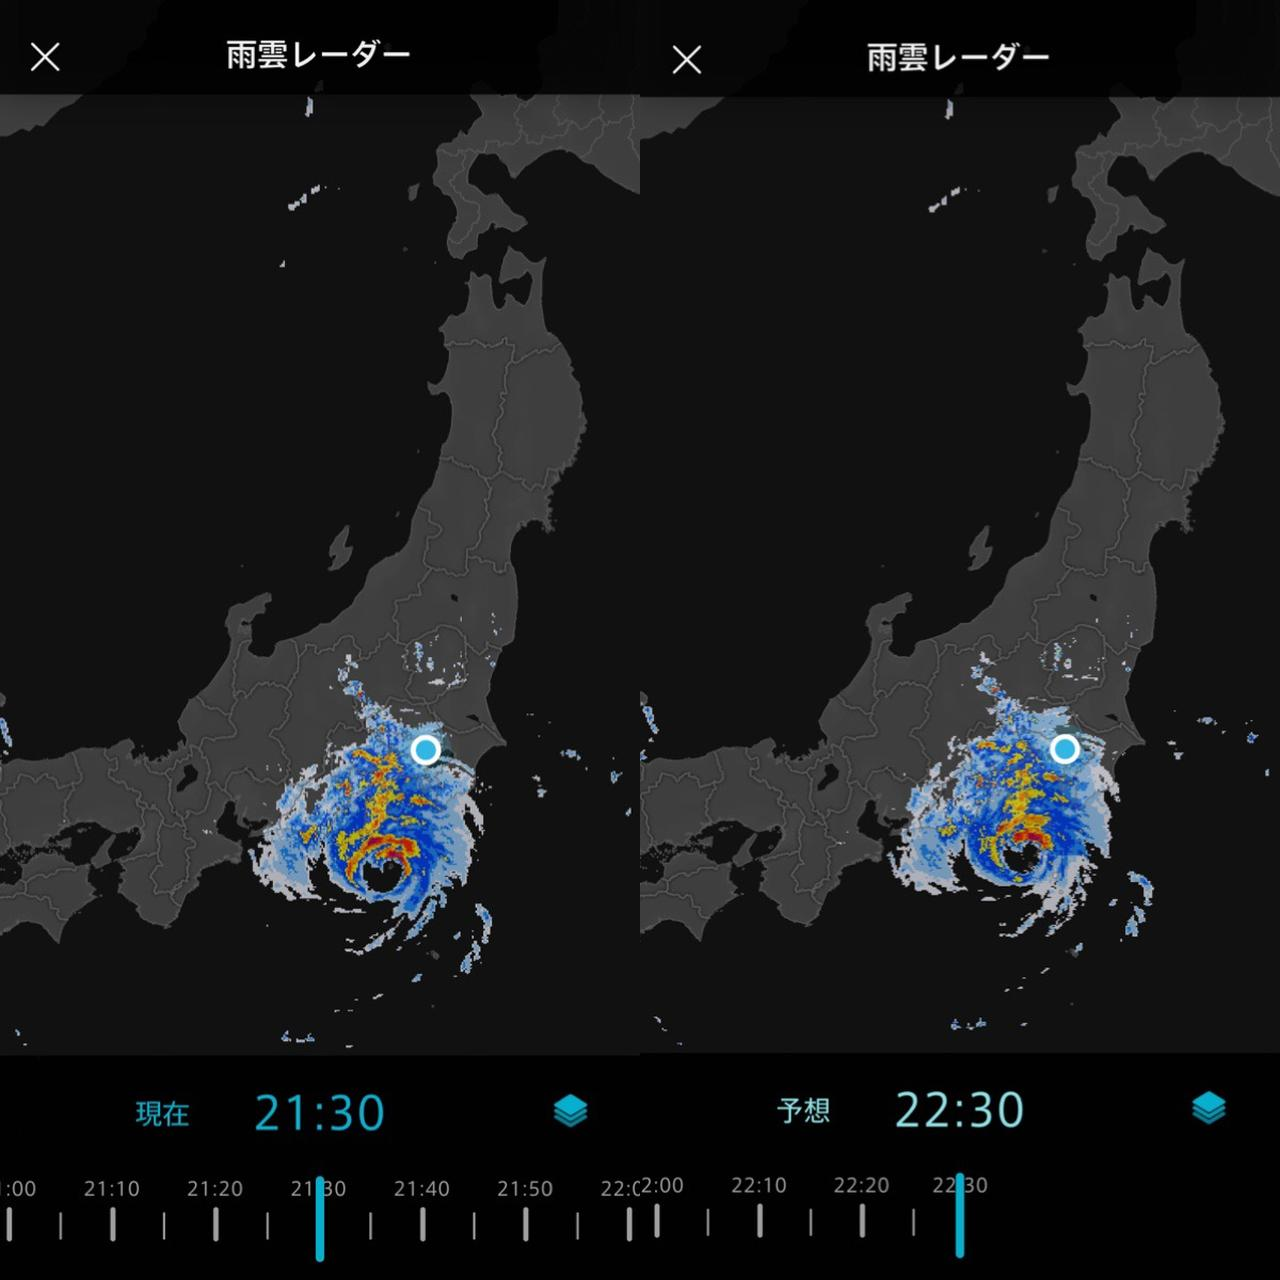 画像5: 今いる場所の状況はこのアプリで。通知を危険度で送り分けてくれる便利アプリ。